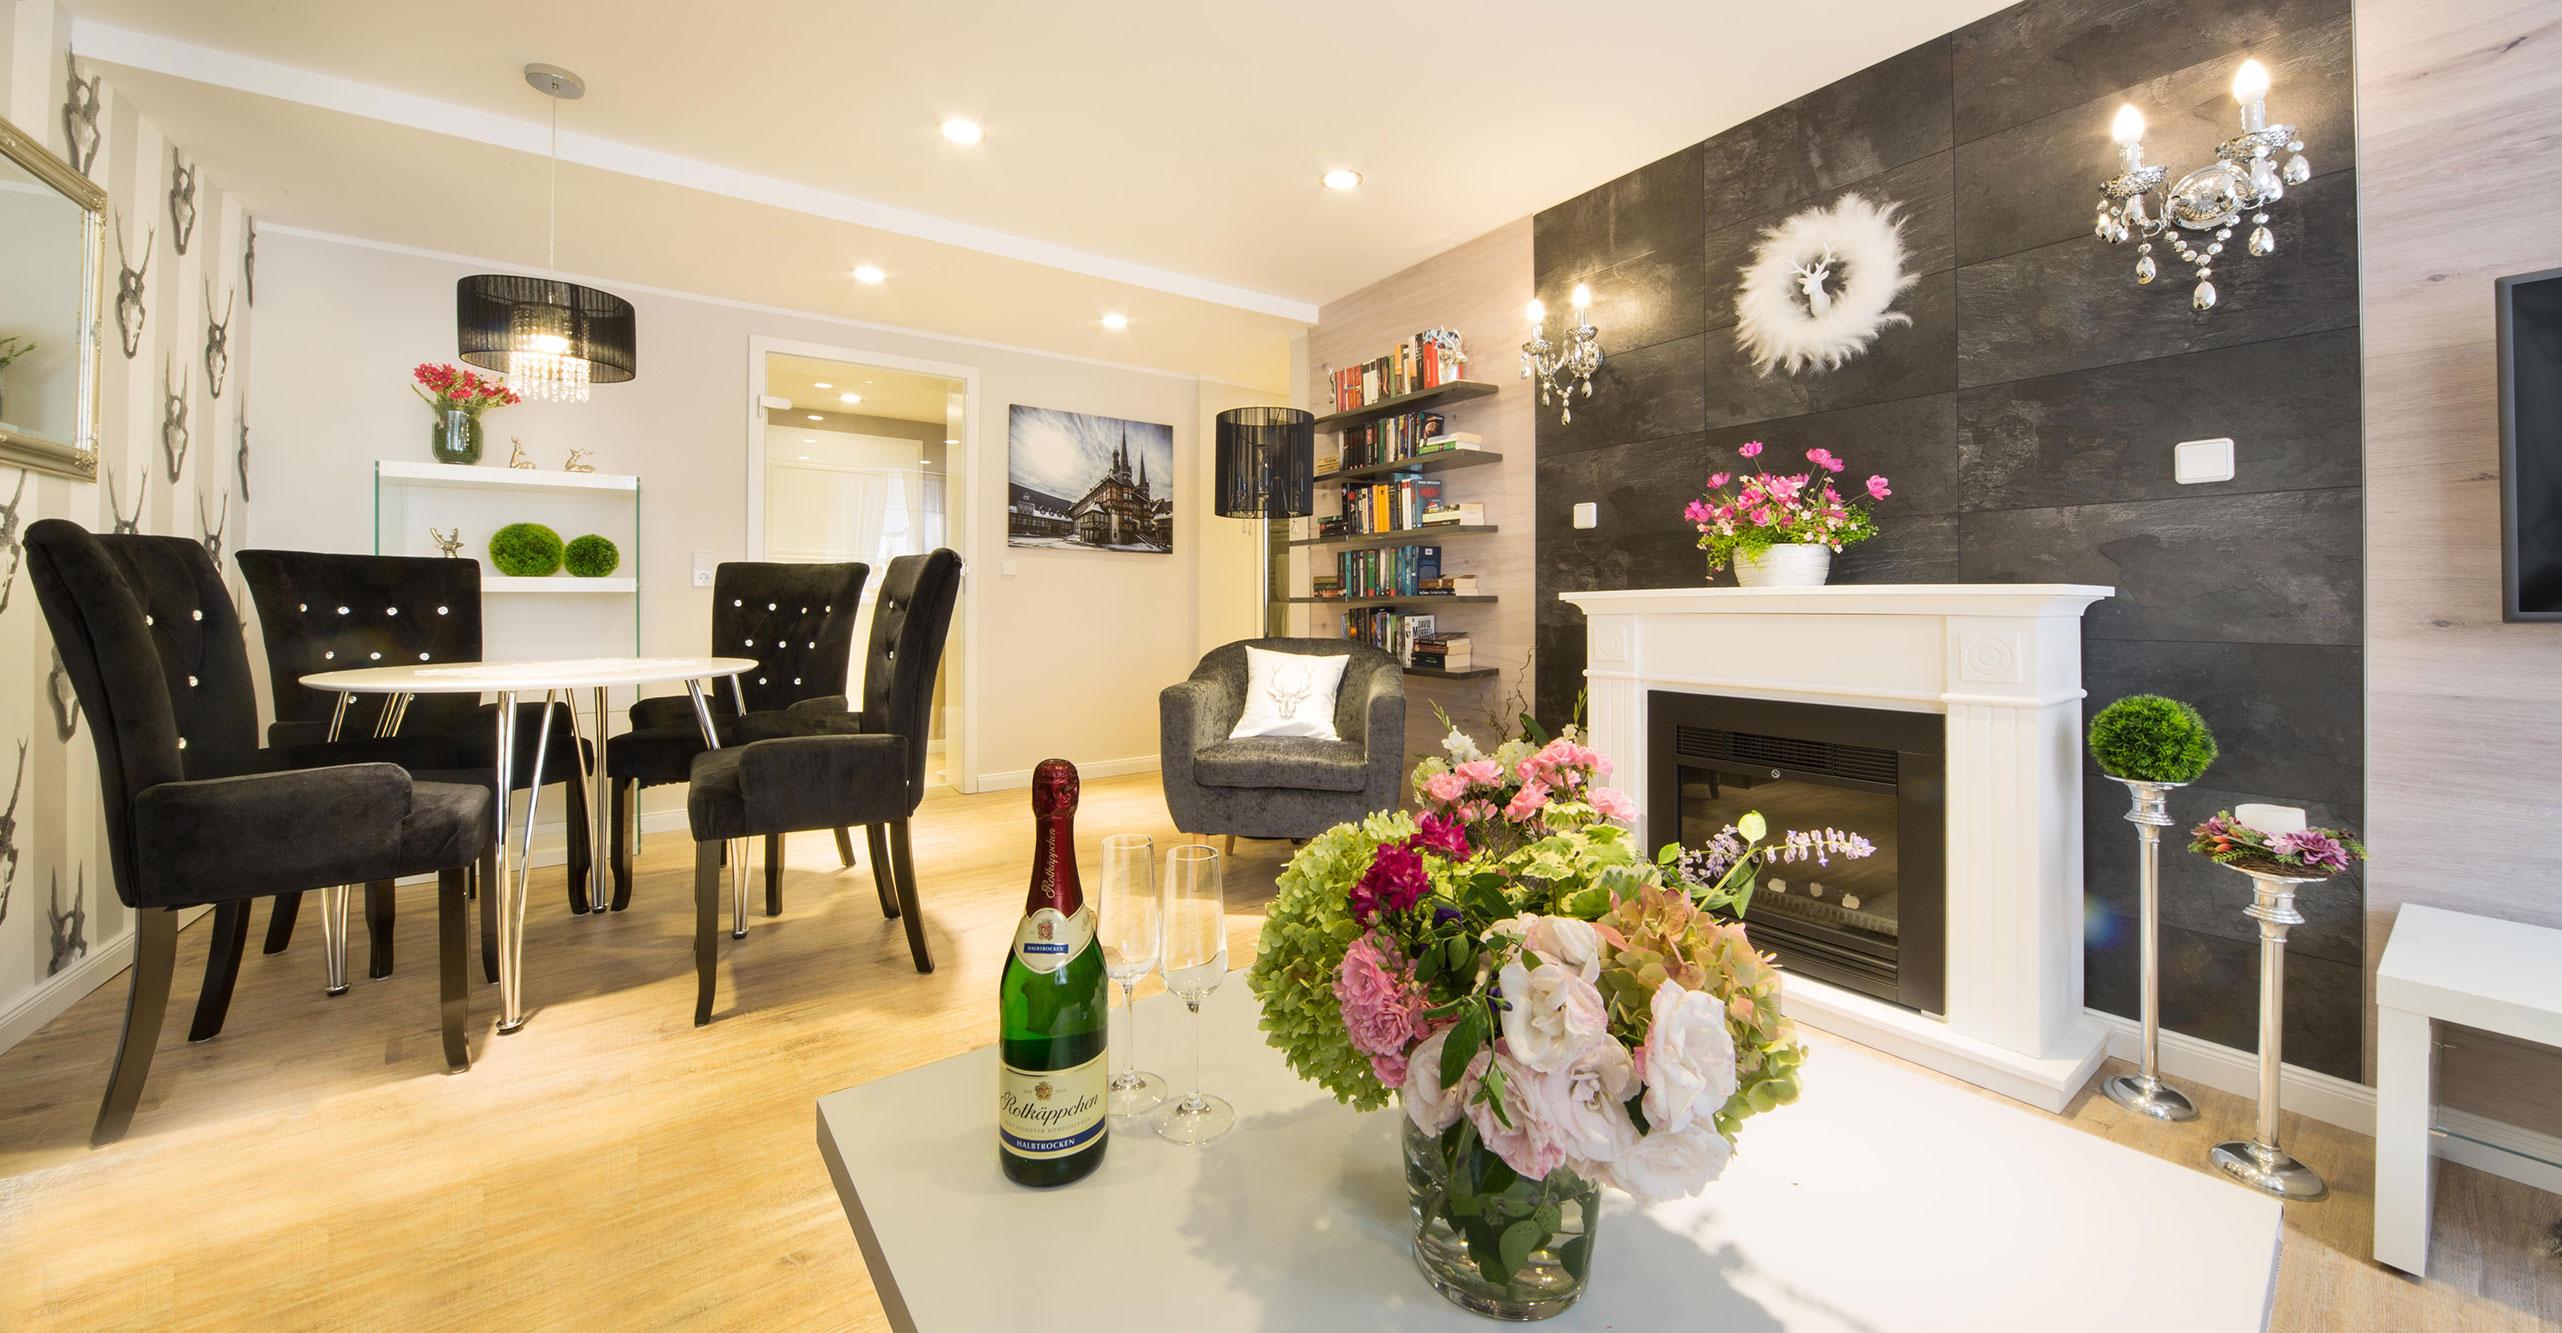 Perfekt Luxus Kamin ~ Schöne blonde frau nahe dem kamin in einem luxus interieur